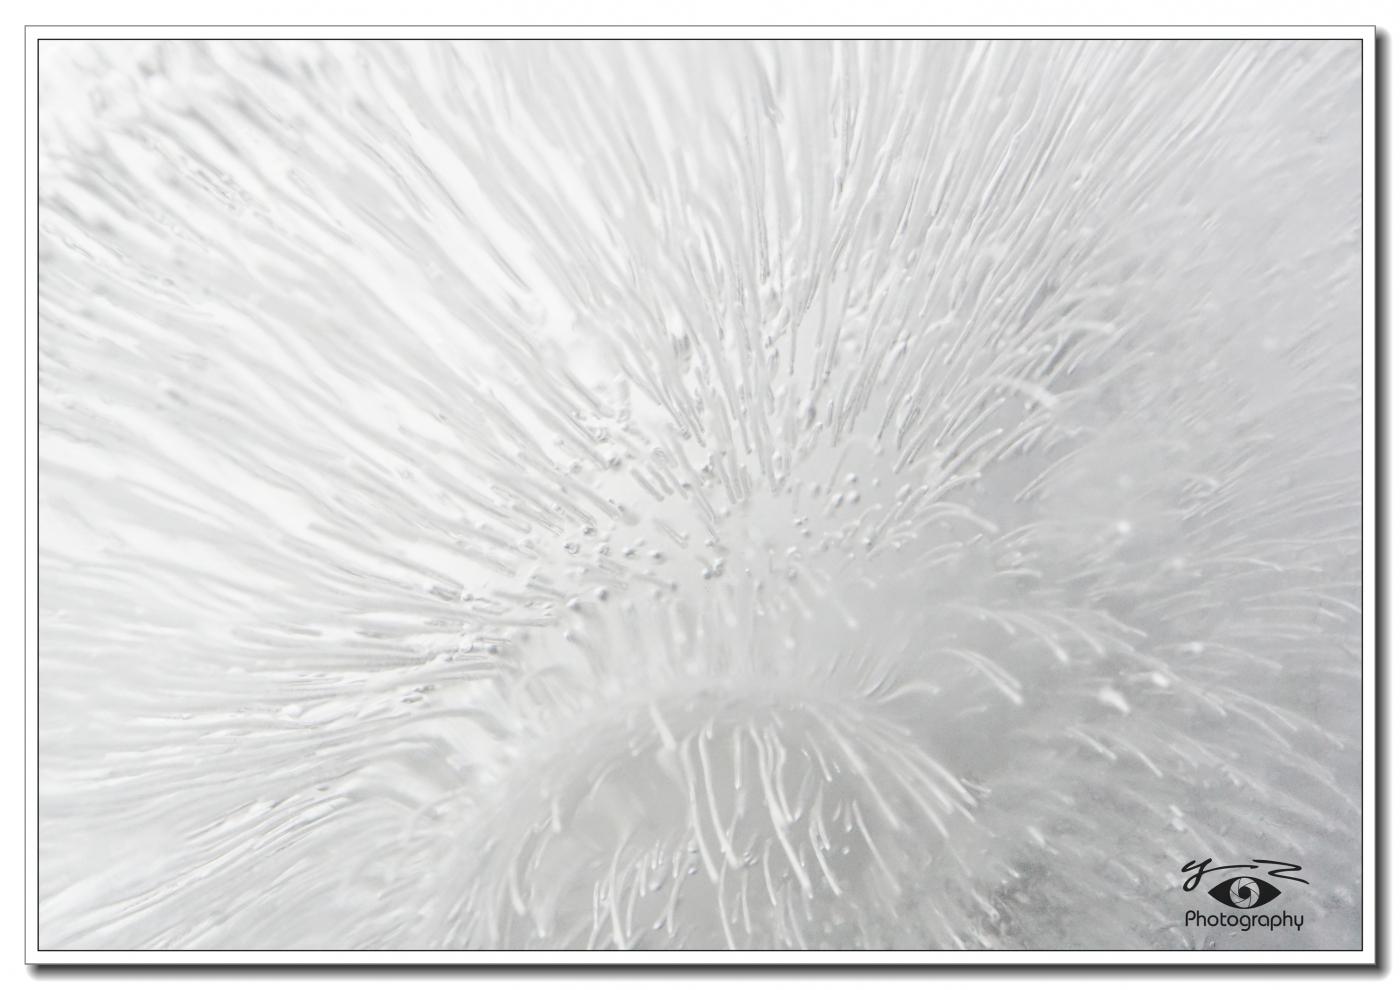 【相机人生】冰的解析之一(491)_图1-9